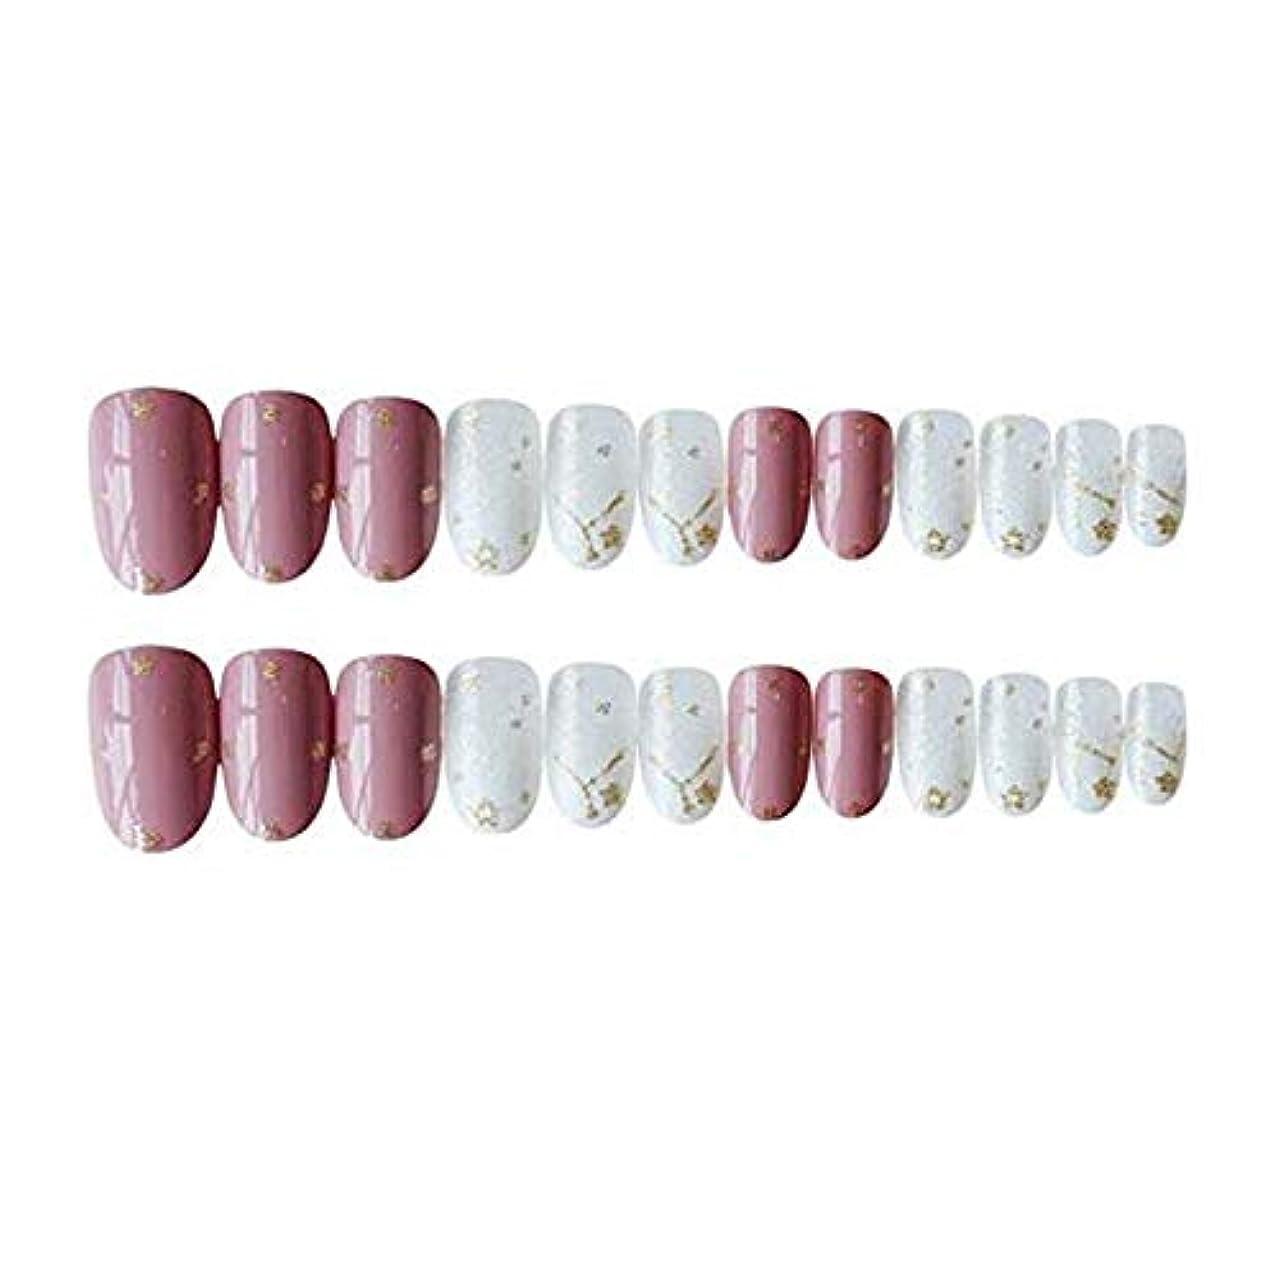 地球オーストラリア人オーロックピンク スター 金箔 中位の長さ ネイルチップ 夢幻 可愛い24枚 12サイズ